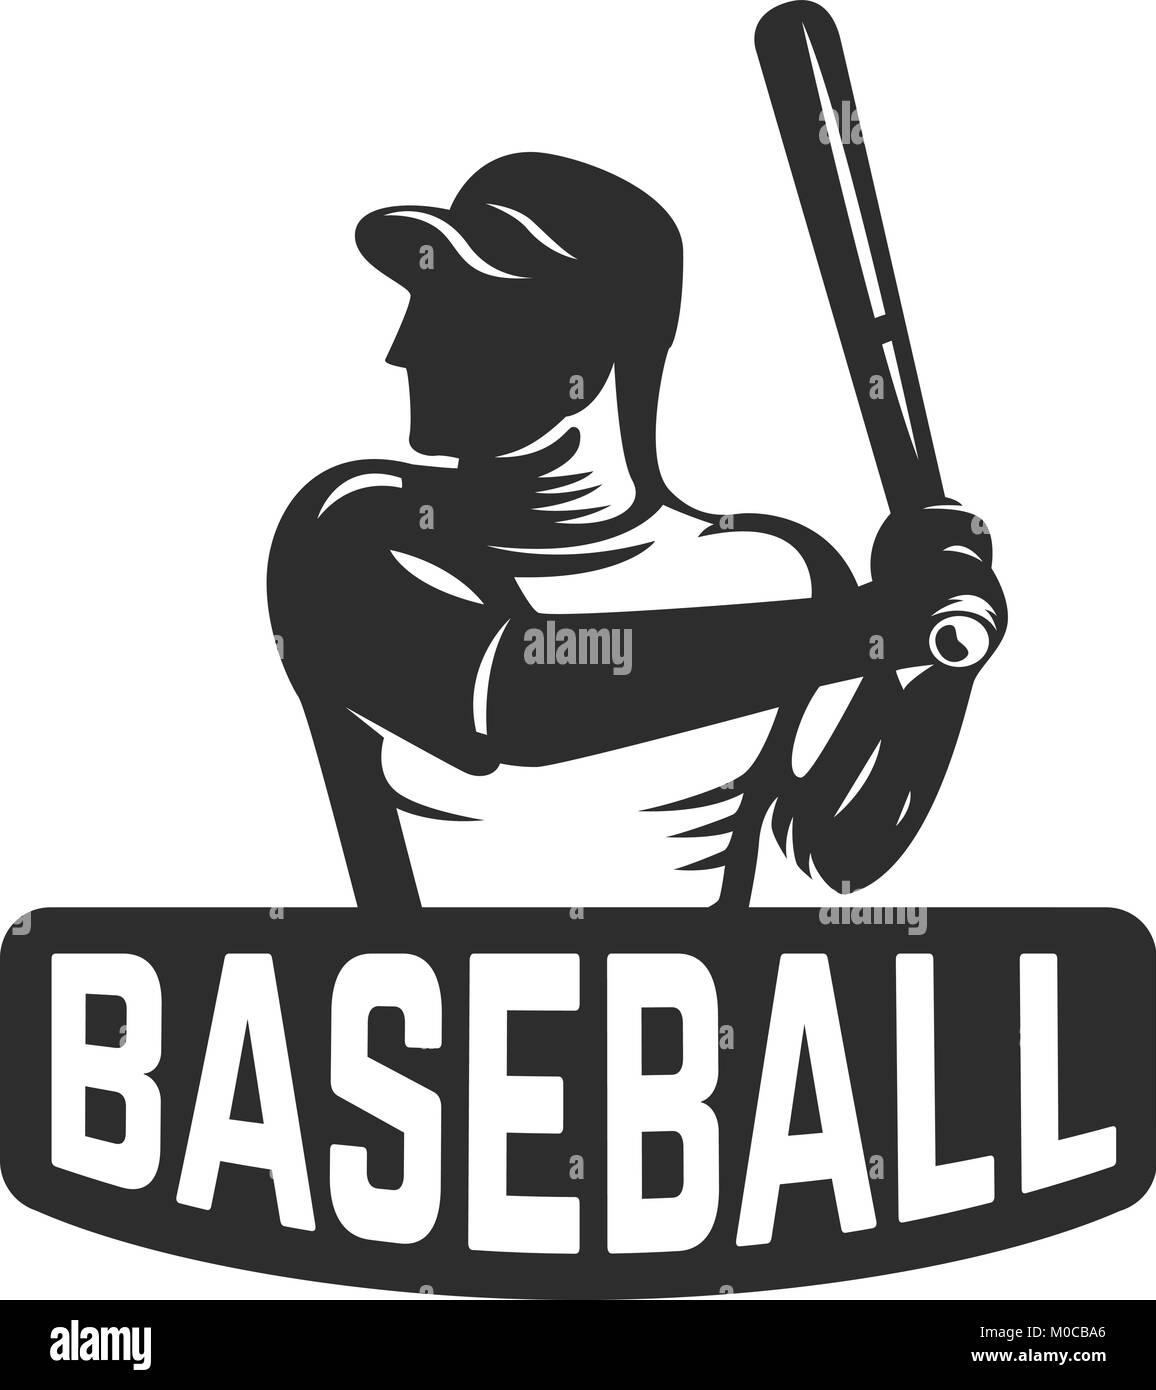 Emblem Template With Baseball Player Design Element For Logo Label Sign Vector Illustration